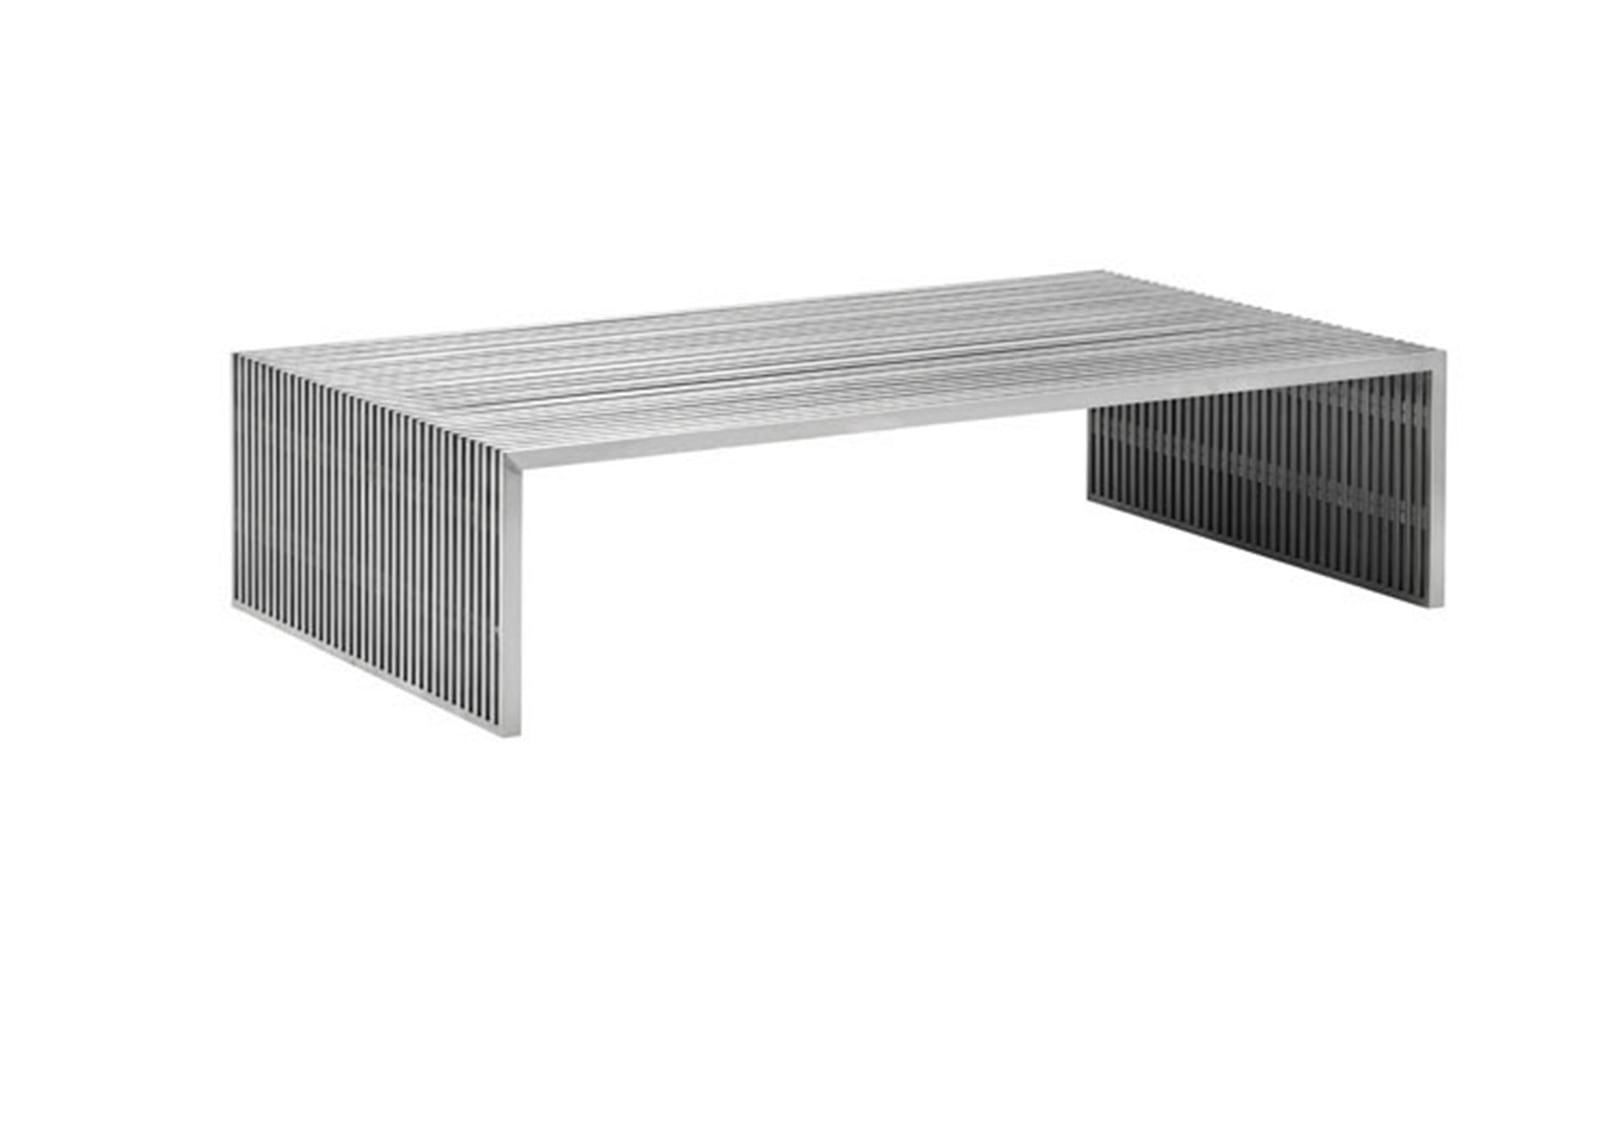 Novel-Long-Coffee-Table1